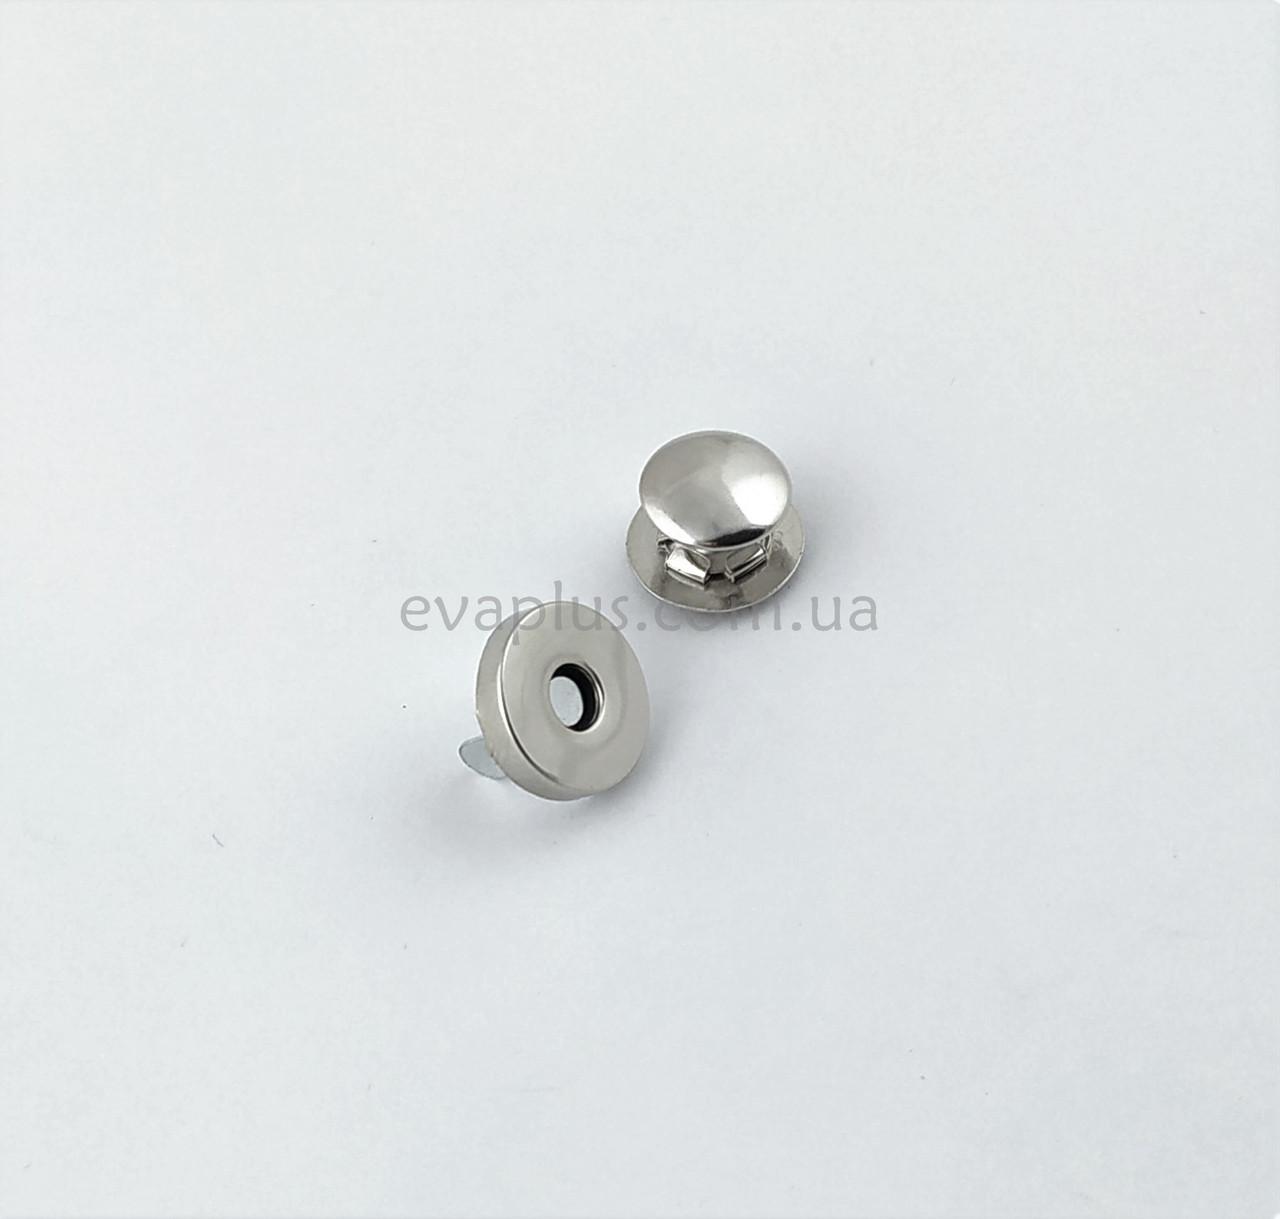 Магнитная кнопка для сумки Т5111 никель